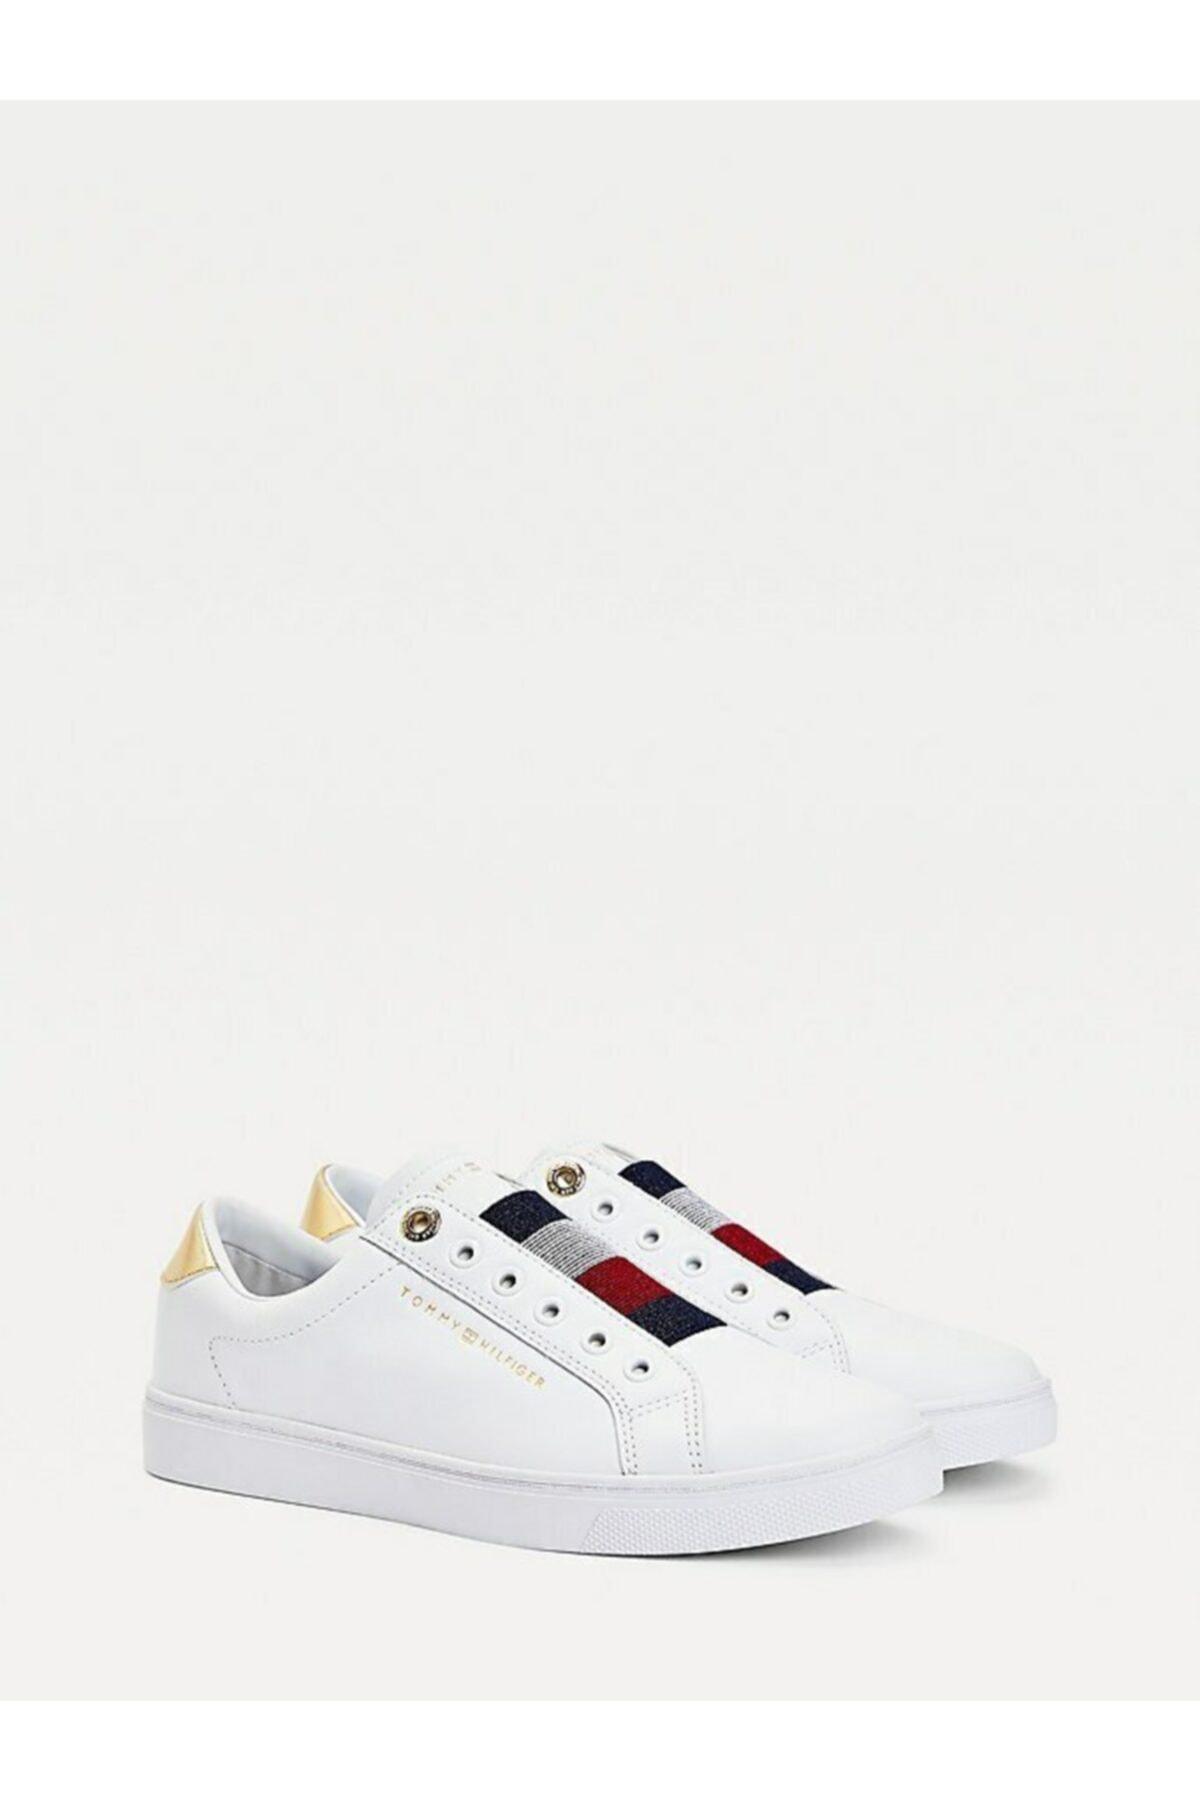 Tommy Hilfiger Th Elastıc Slıp On Sneaker 1